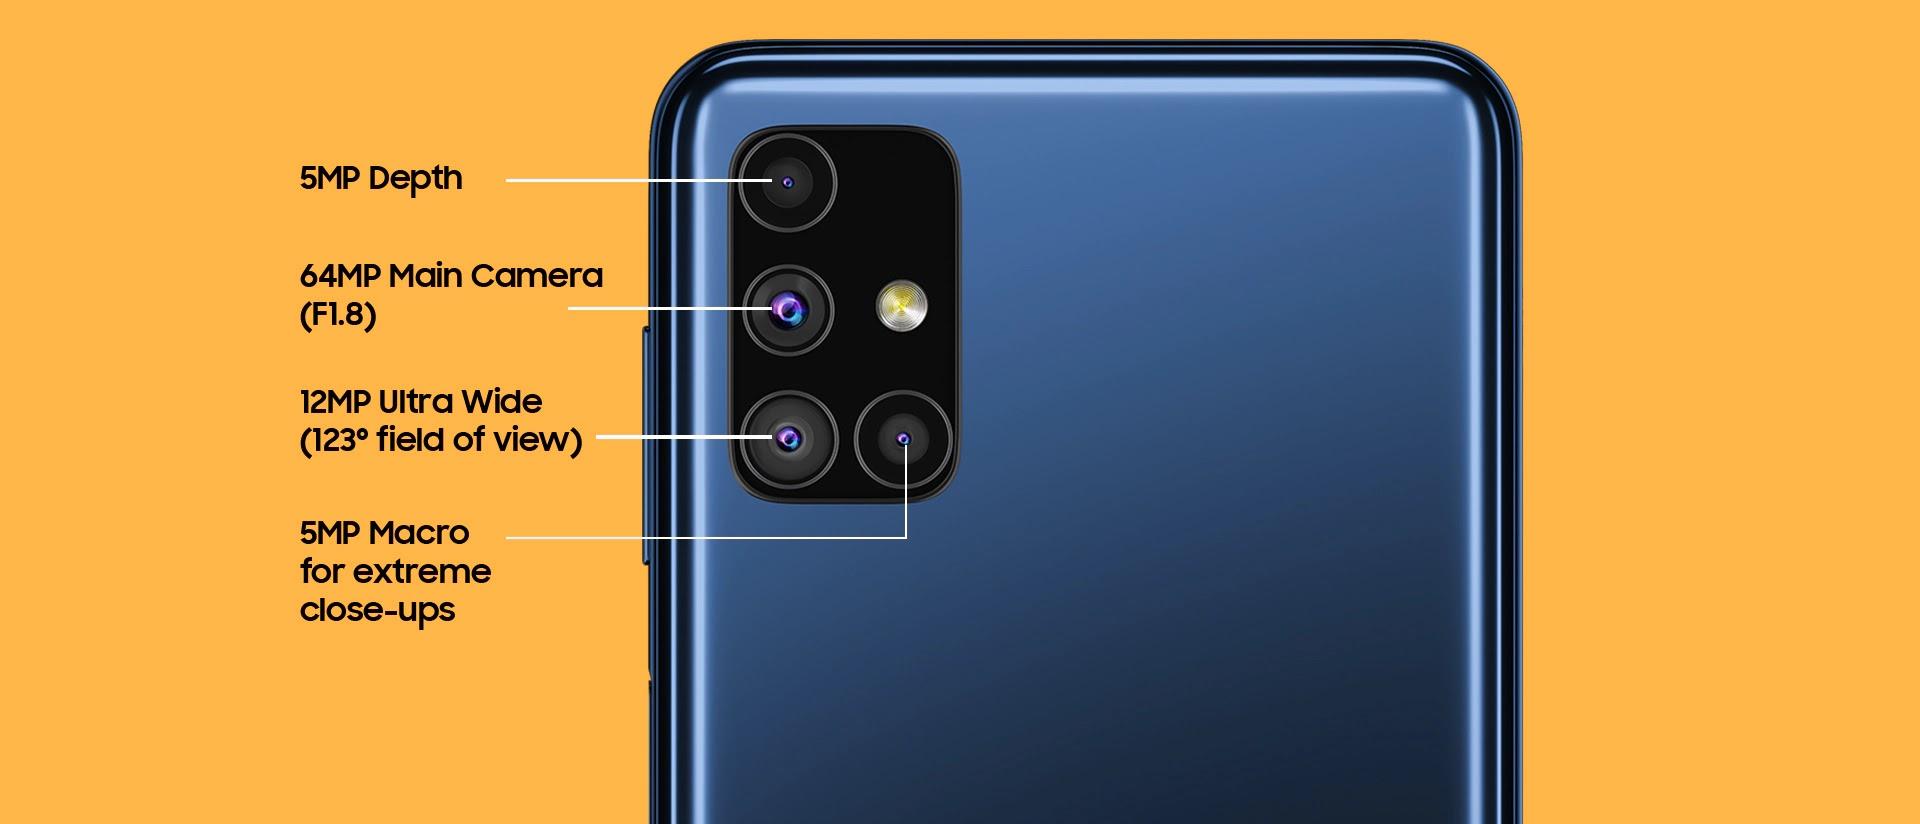 Nuovo Samsung Galaxy M51 con batteria da 7.000 mAh | Video